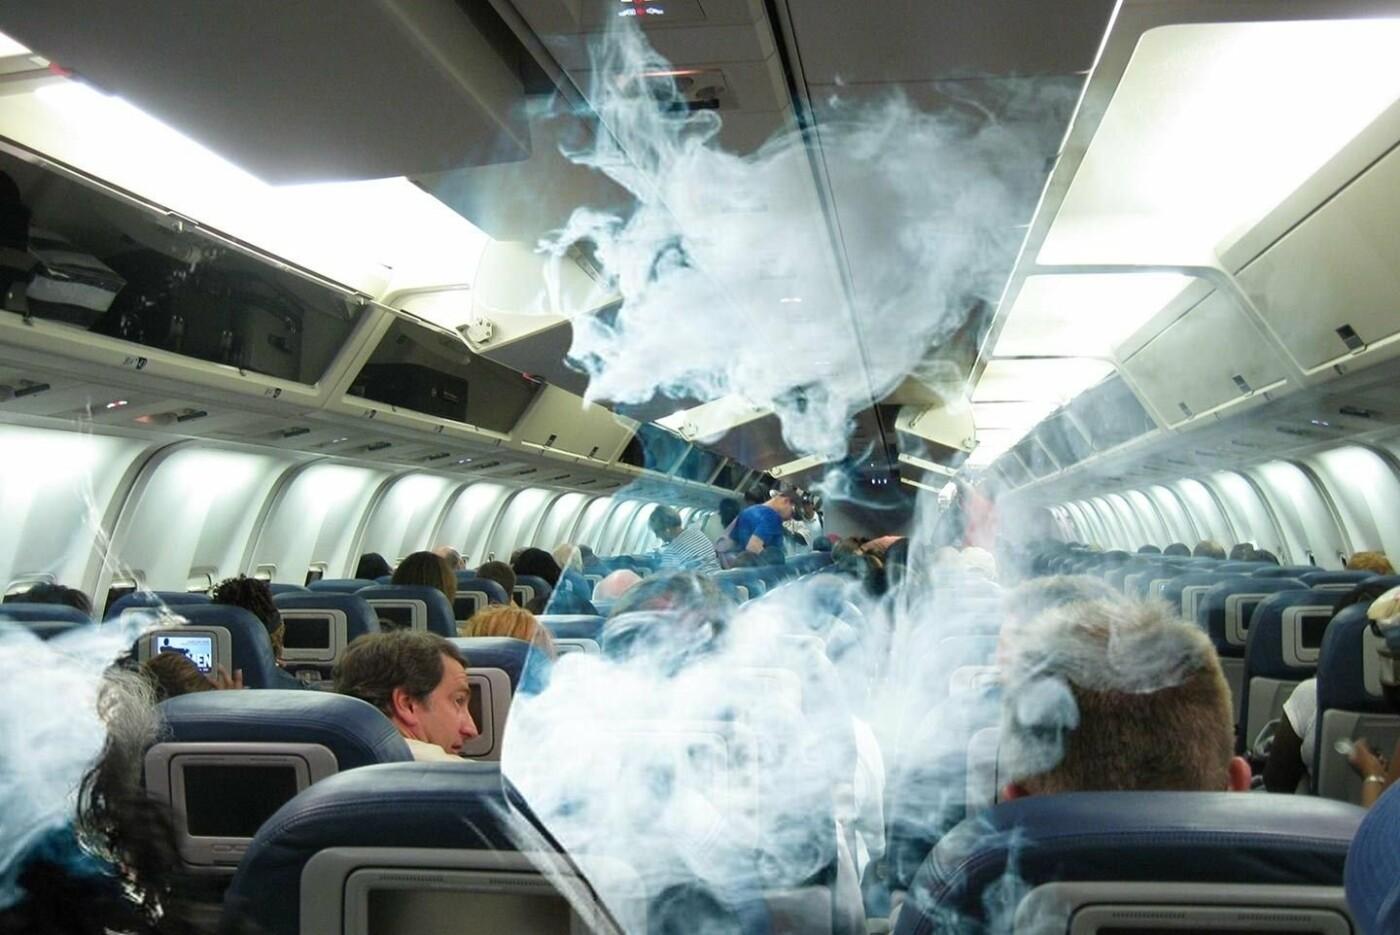 Как действовать при аварийной ситуации на авиатранспорте, фото-2